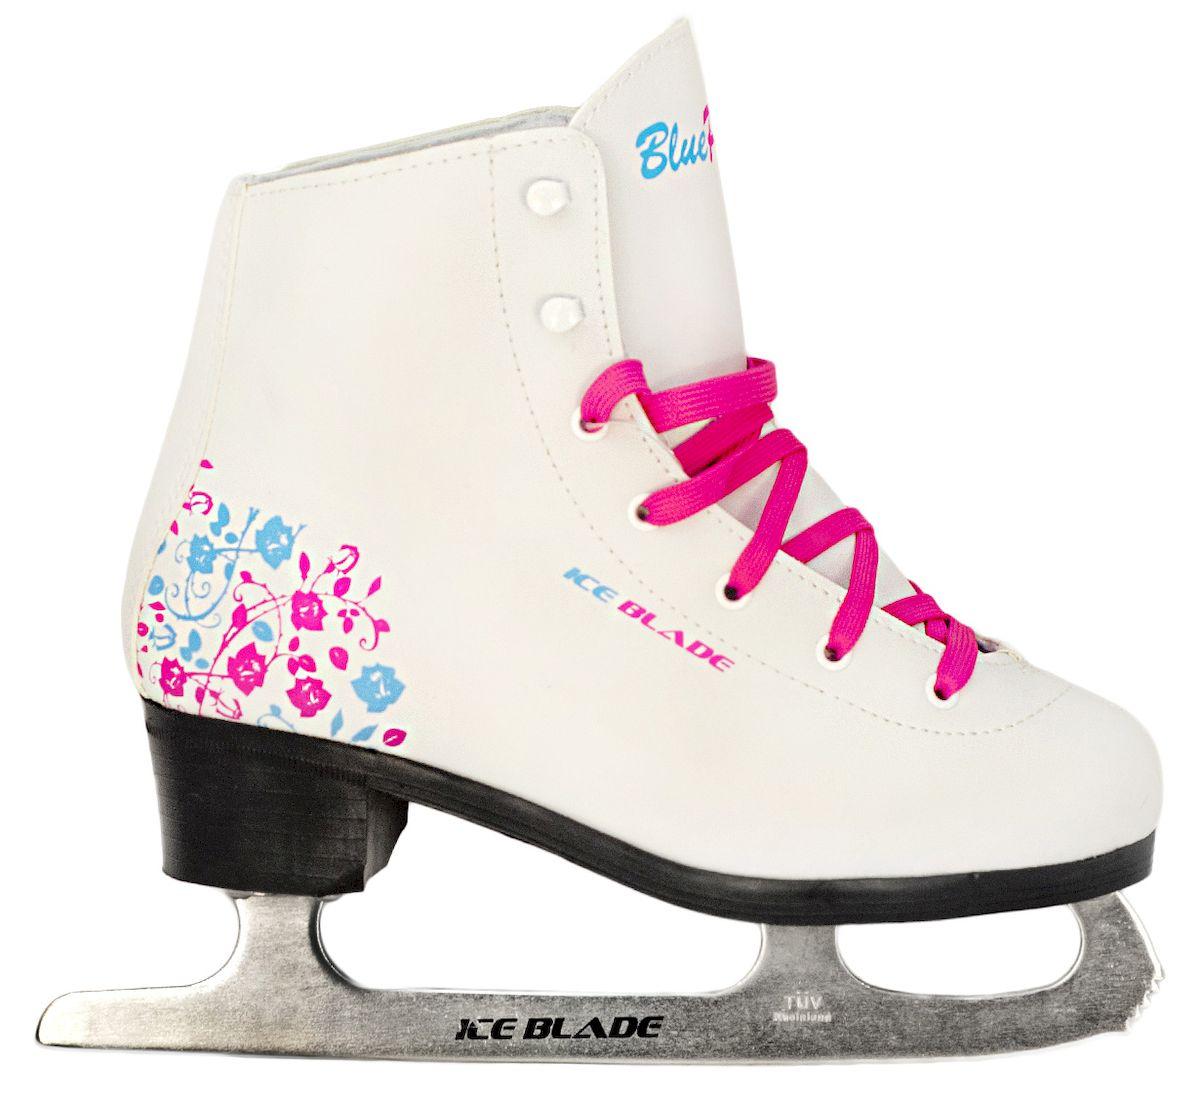 Коньки фигурные Ice Blade BluePink, цвет: белый, розовый, голубой. УТ-00006869. Размер 40